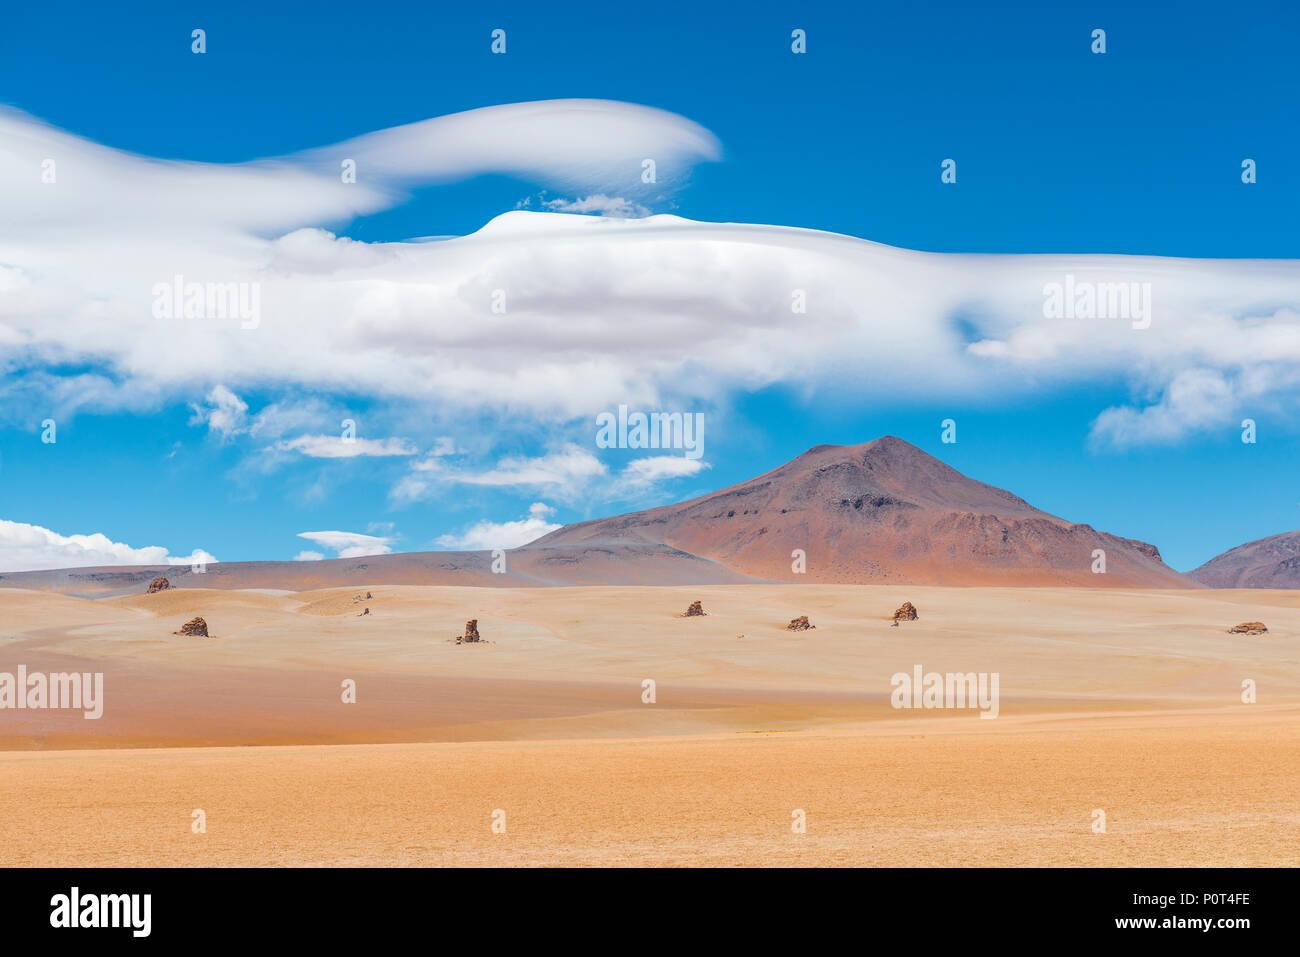 Die herrliche Dali Wüste in der Nähe von Uyuni Salzsee (Salar de Uyuni) mit Felsformationen, die vom Meister selbst, Bolivien gewesen wäre. Stockbild